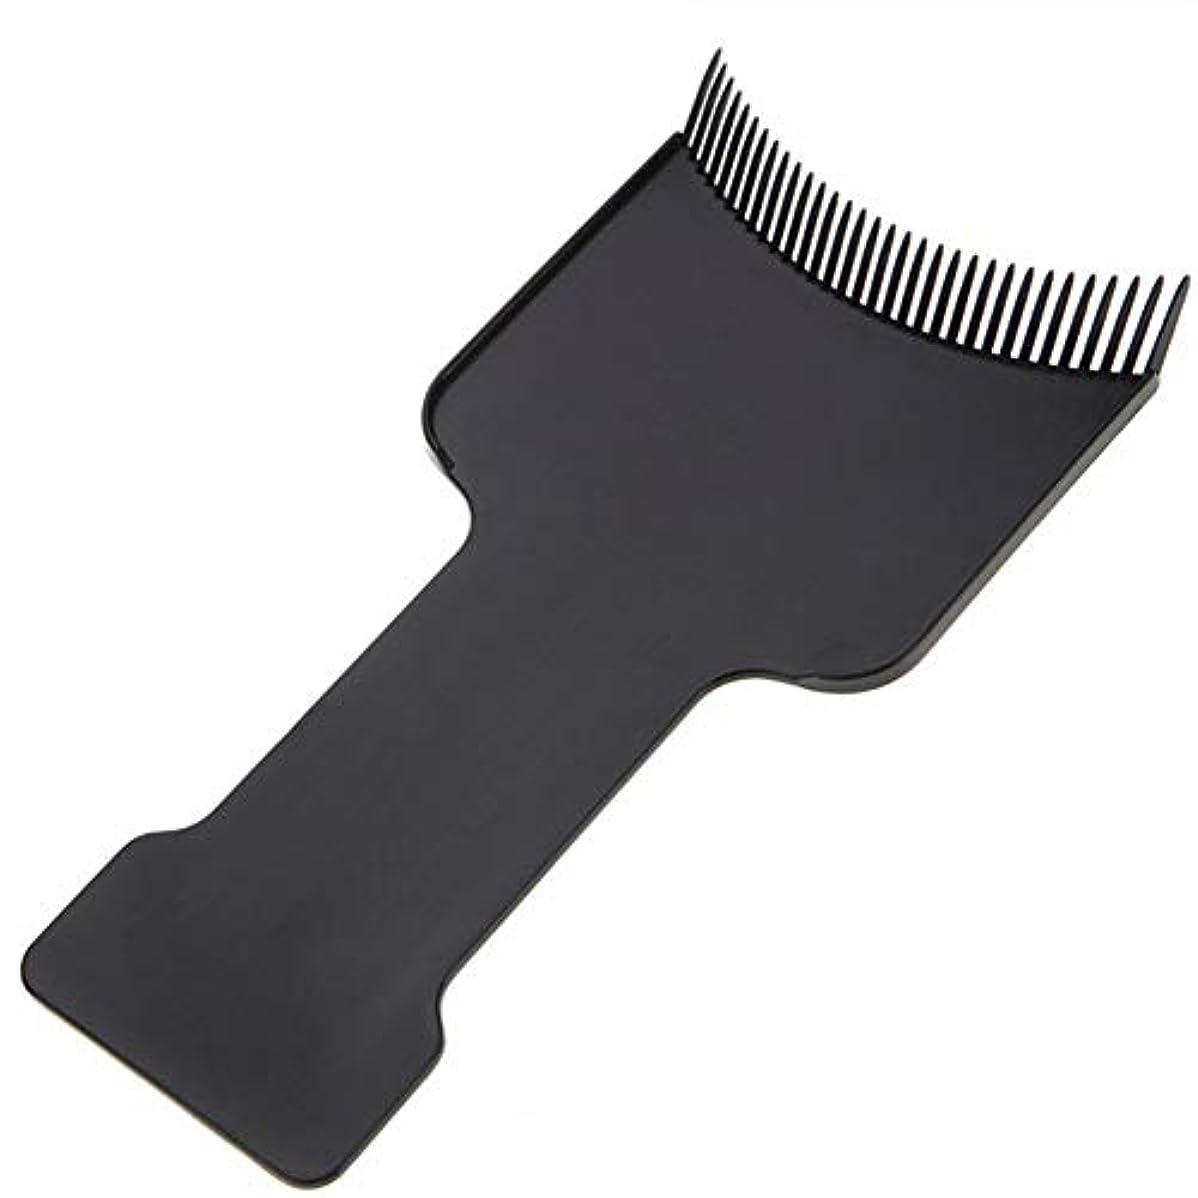 チャーム兄弟愛関連するAIMERKUP 理髪サロンヘアカラーリング染色ボードヘアトリートメントケアピックカラーボードくし理髪ツール frugal friendly